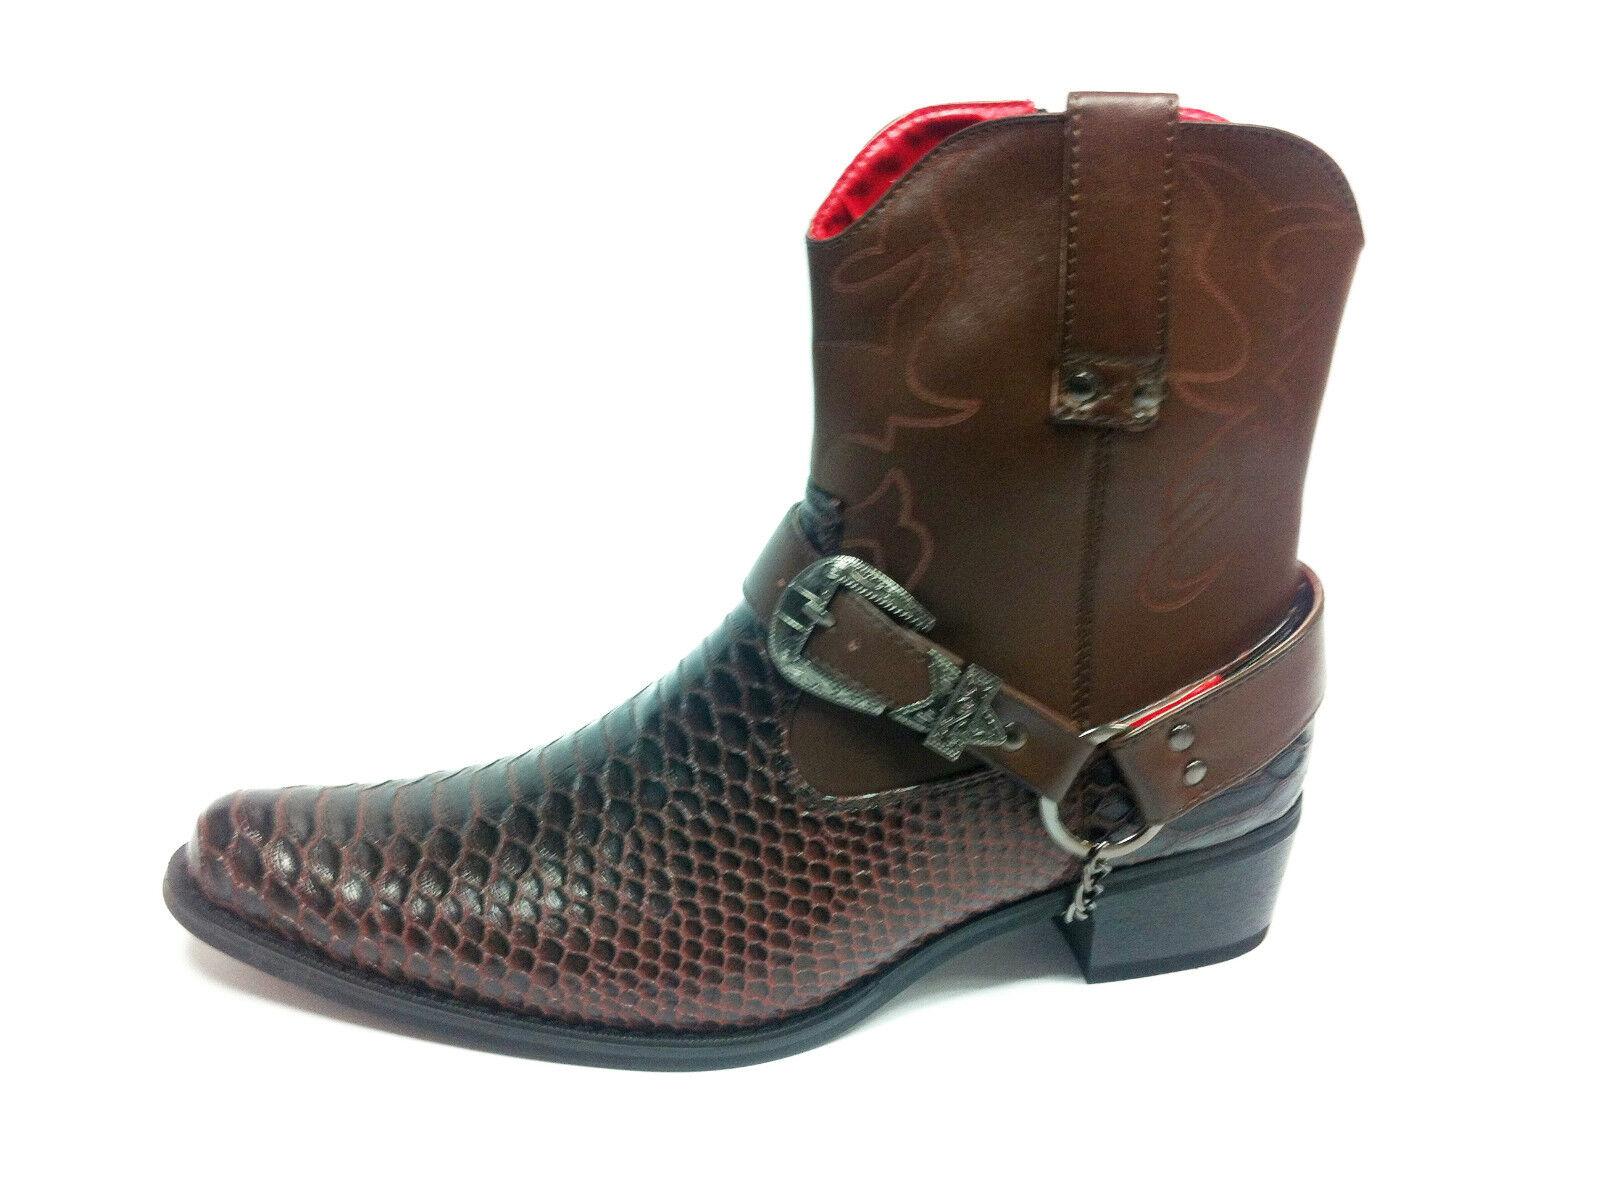 UOMINI SIGNORI cowboy western stile pelle di serpente cowboy SIGNORI stivali caviglia colore 89d52a